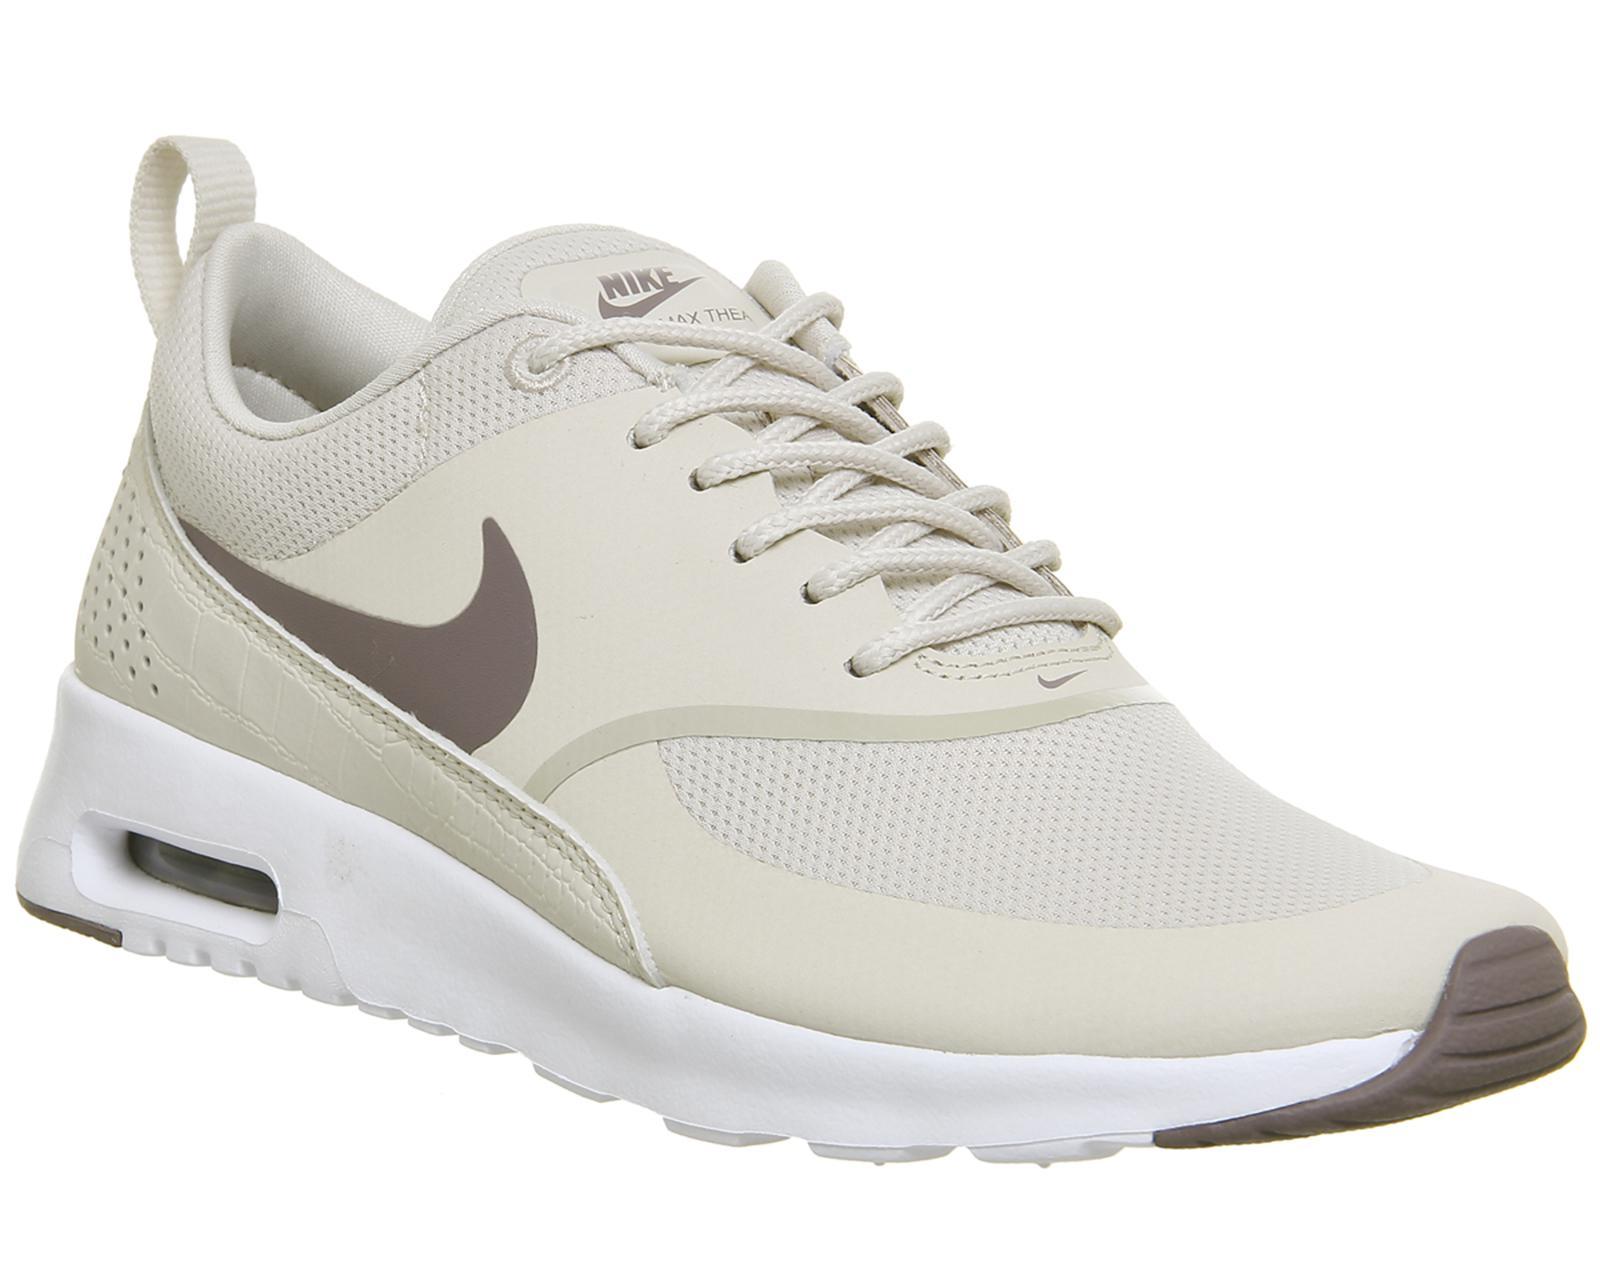 Nike Air Max Chaussures En Cuir Thea Premium 115 $ Plus